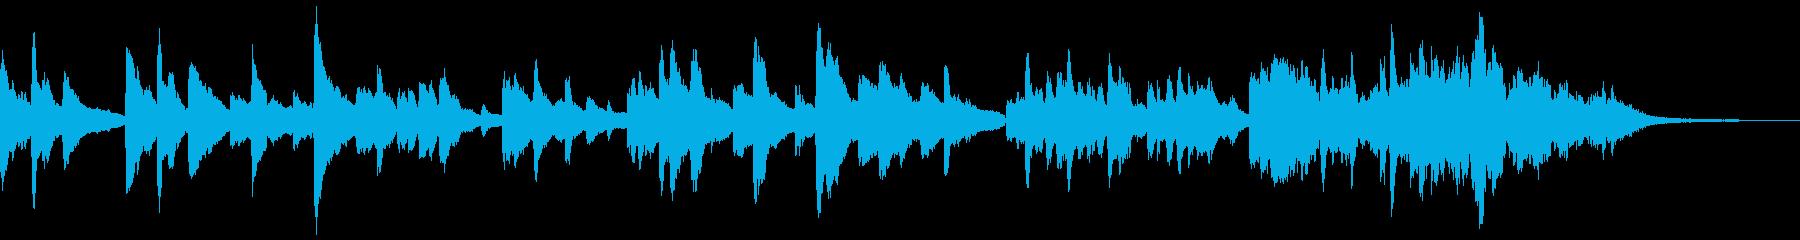 淋し気で温かみのあるピアノソロ~短縮~の再生済みの波形